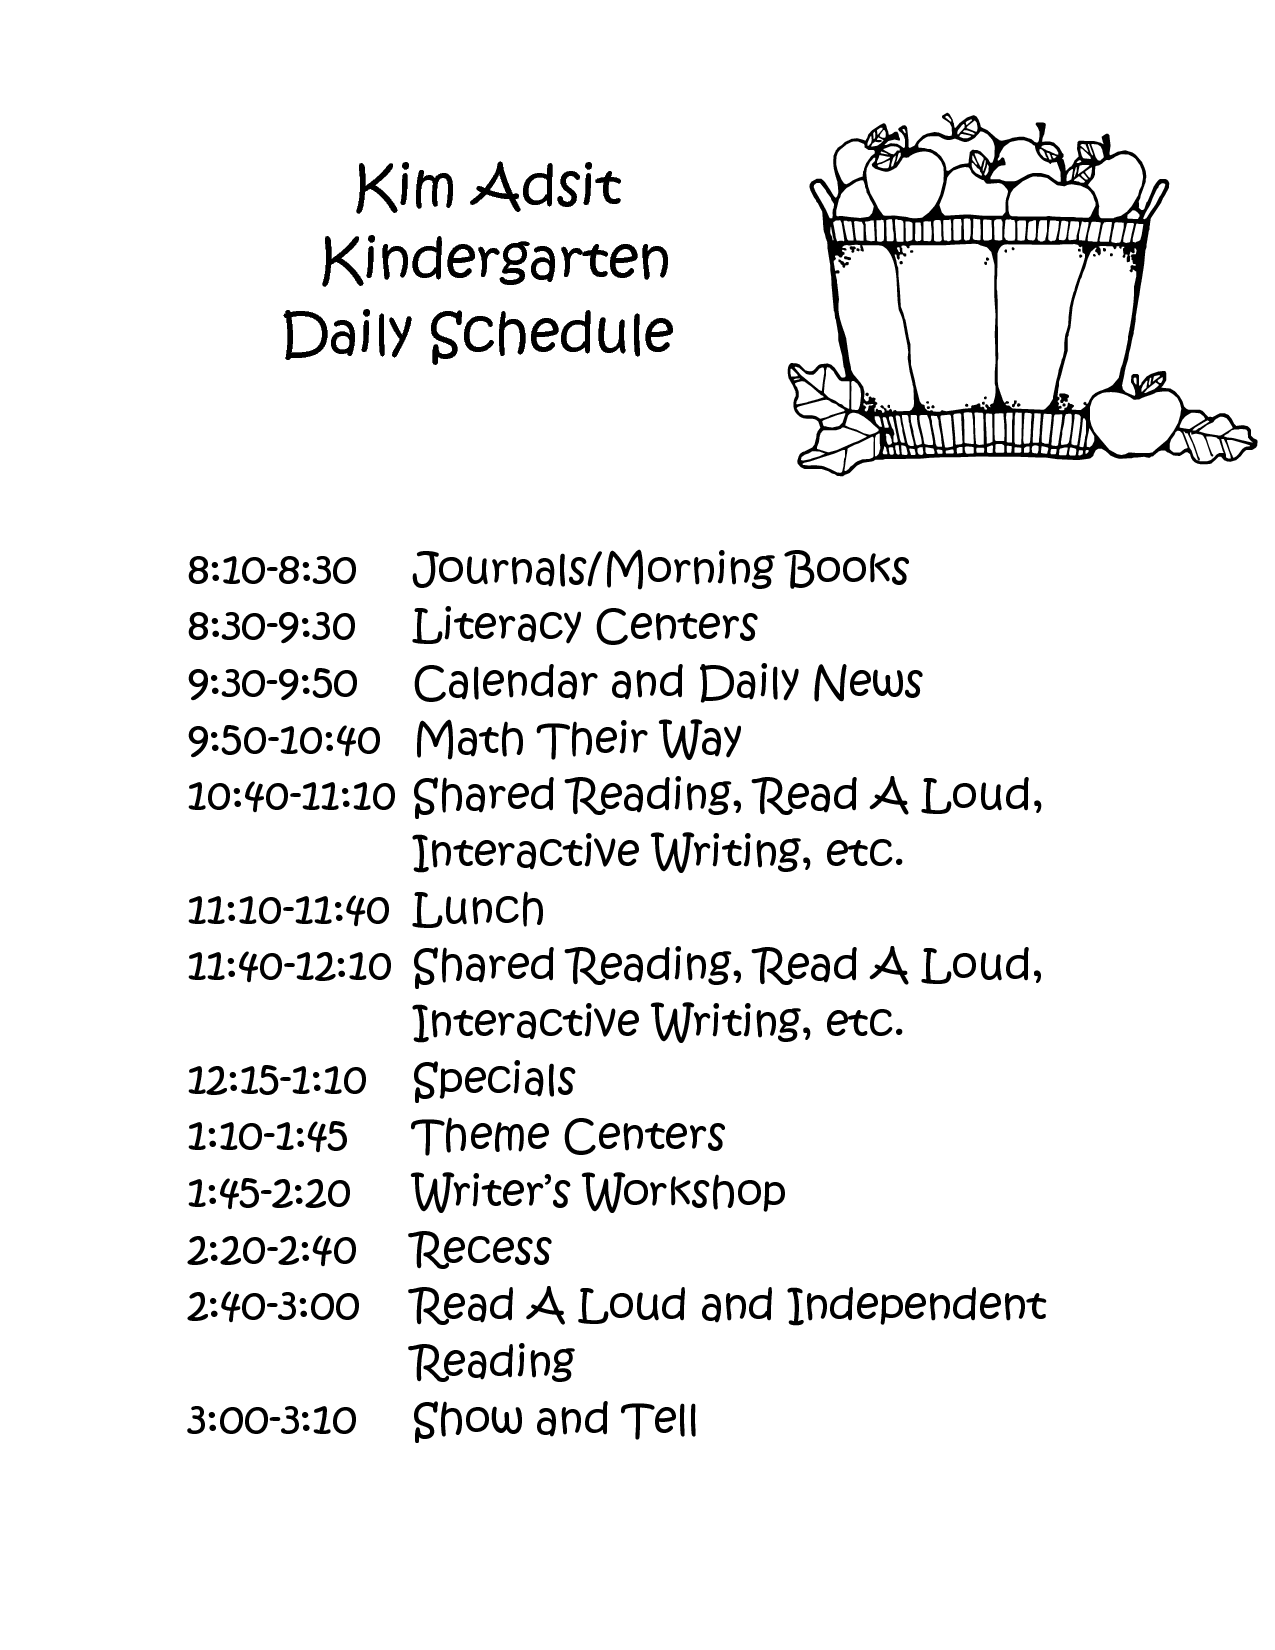 Full Day Kindergarten Class Schedule